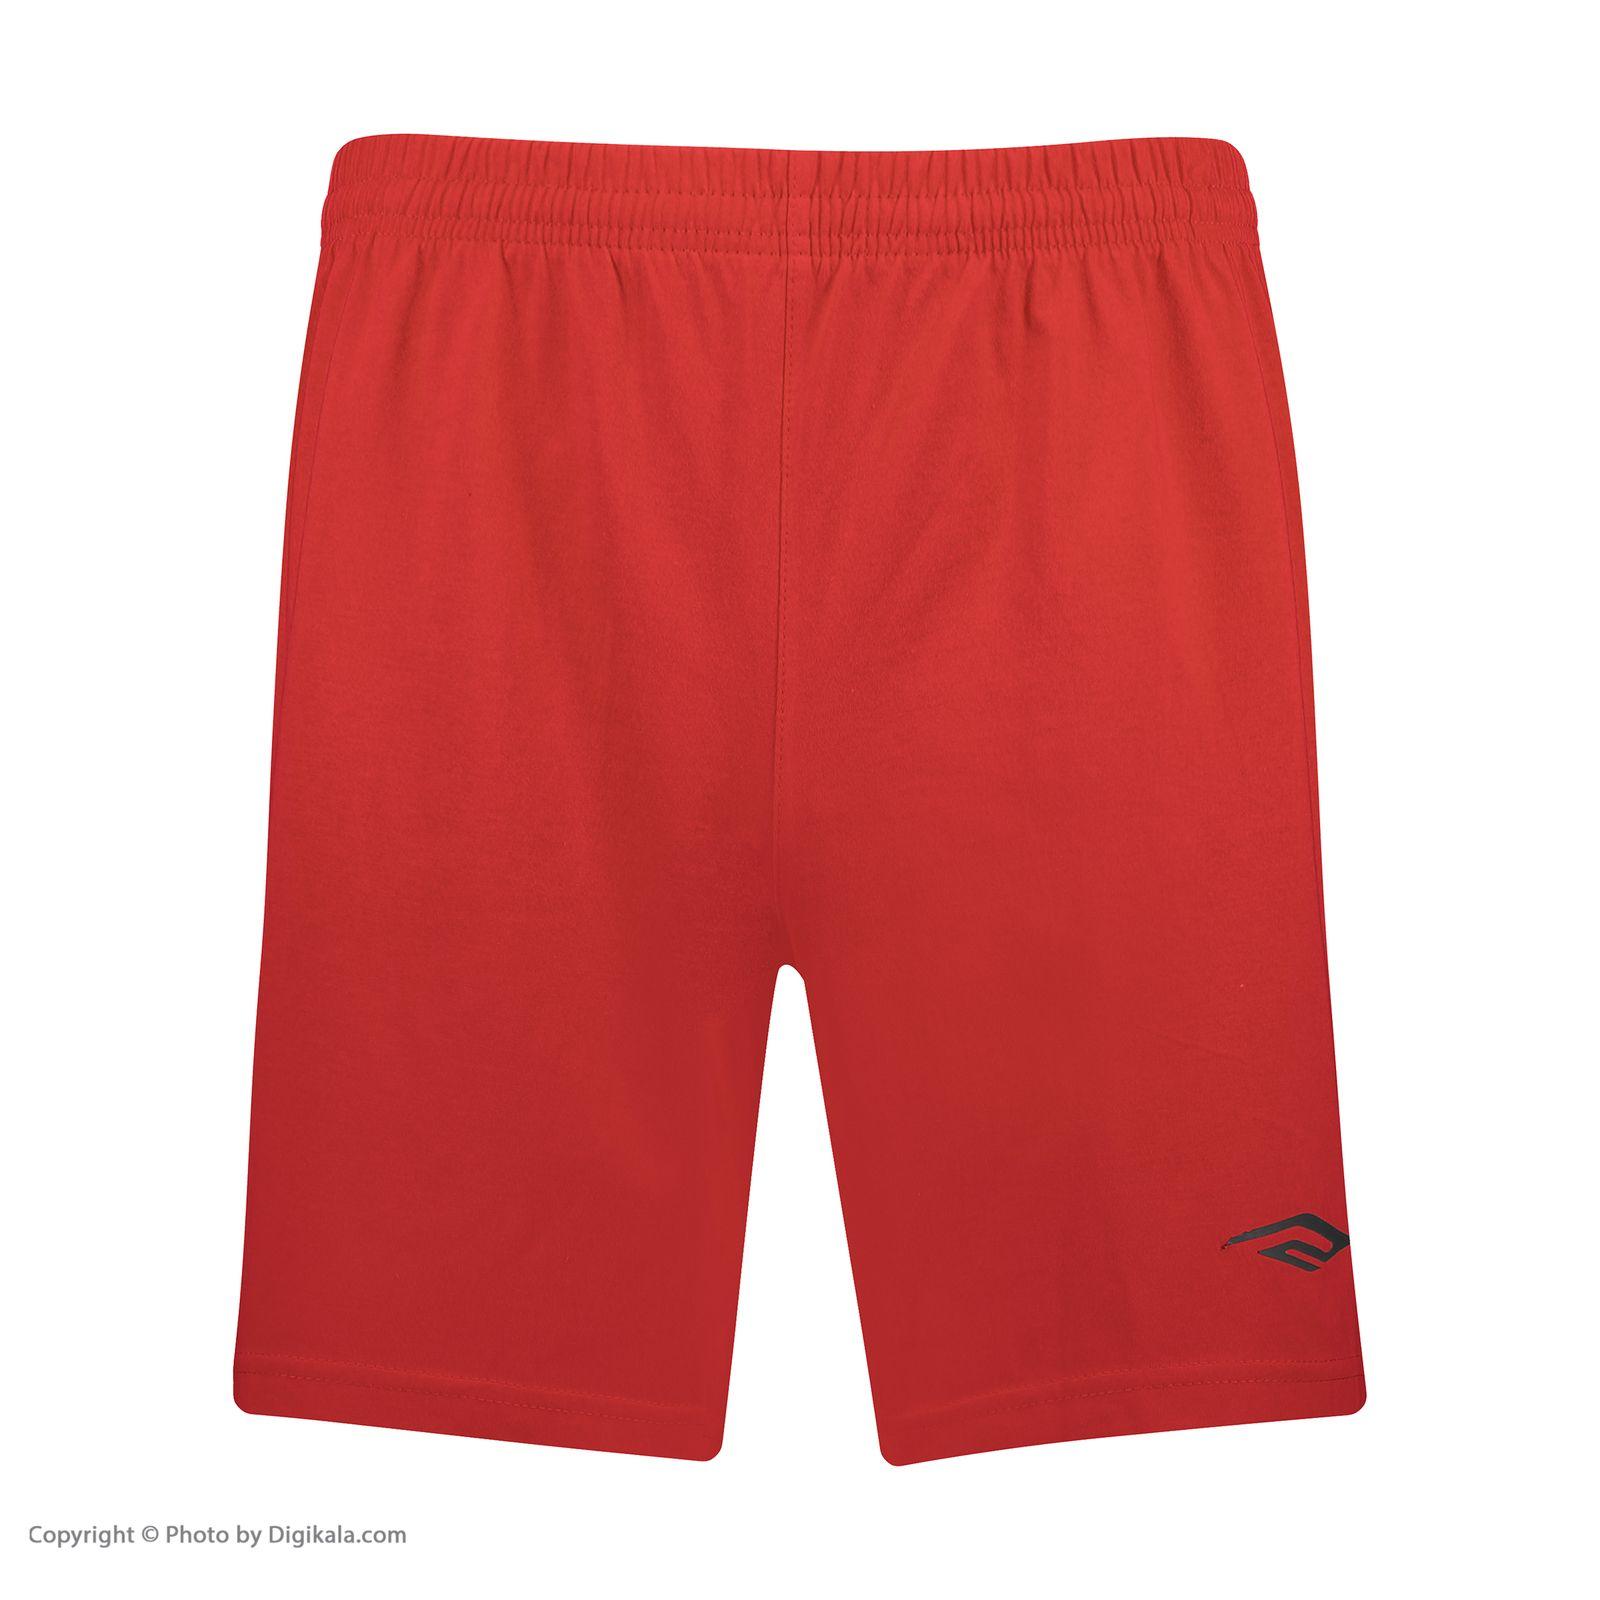 ست پیراهن و شورت ورزشی مردانه استارت مدل v1001-5 -  - 7